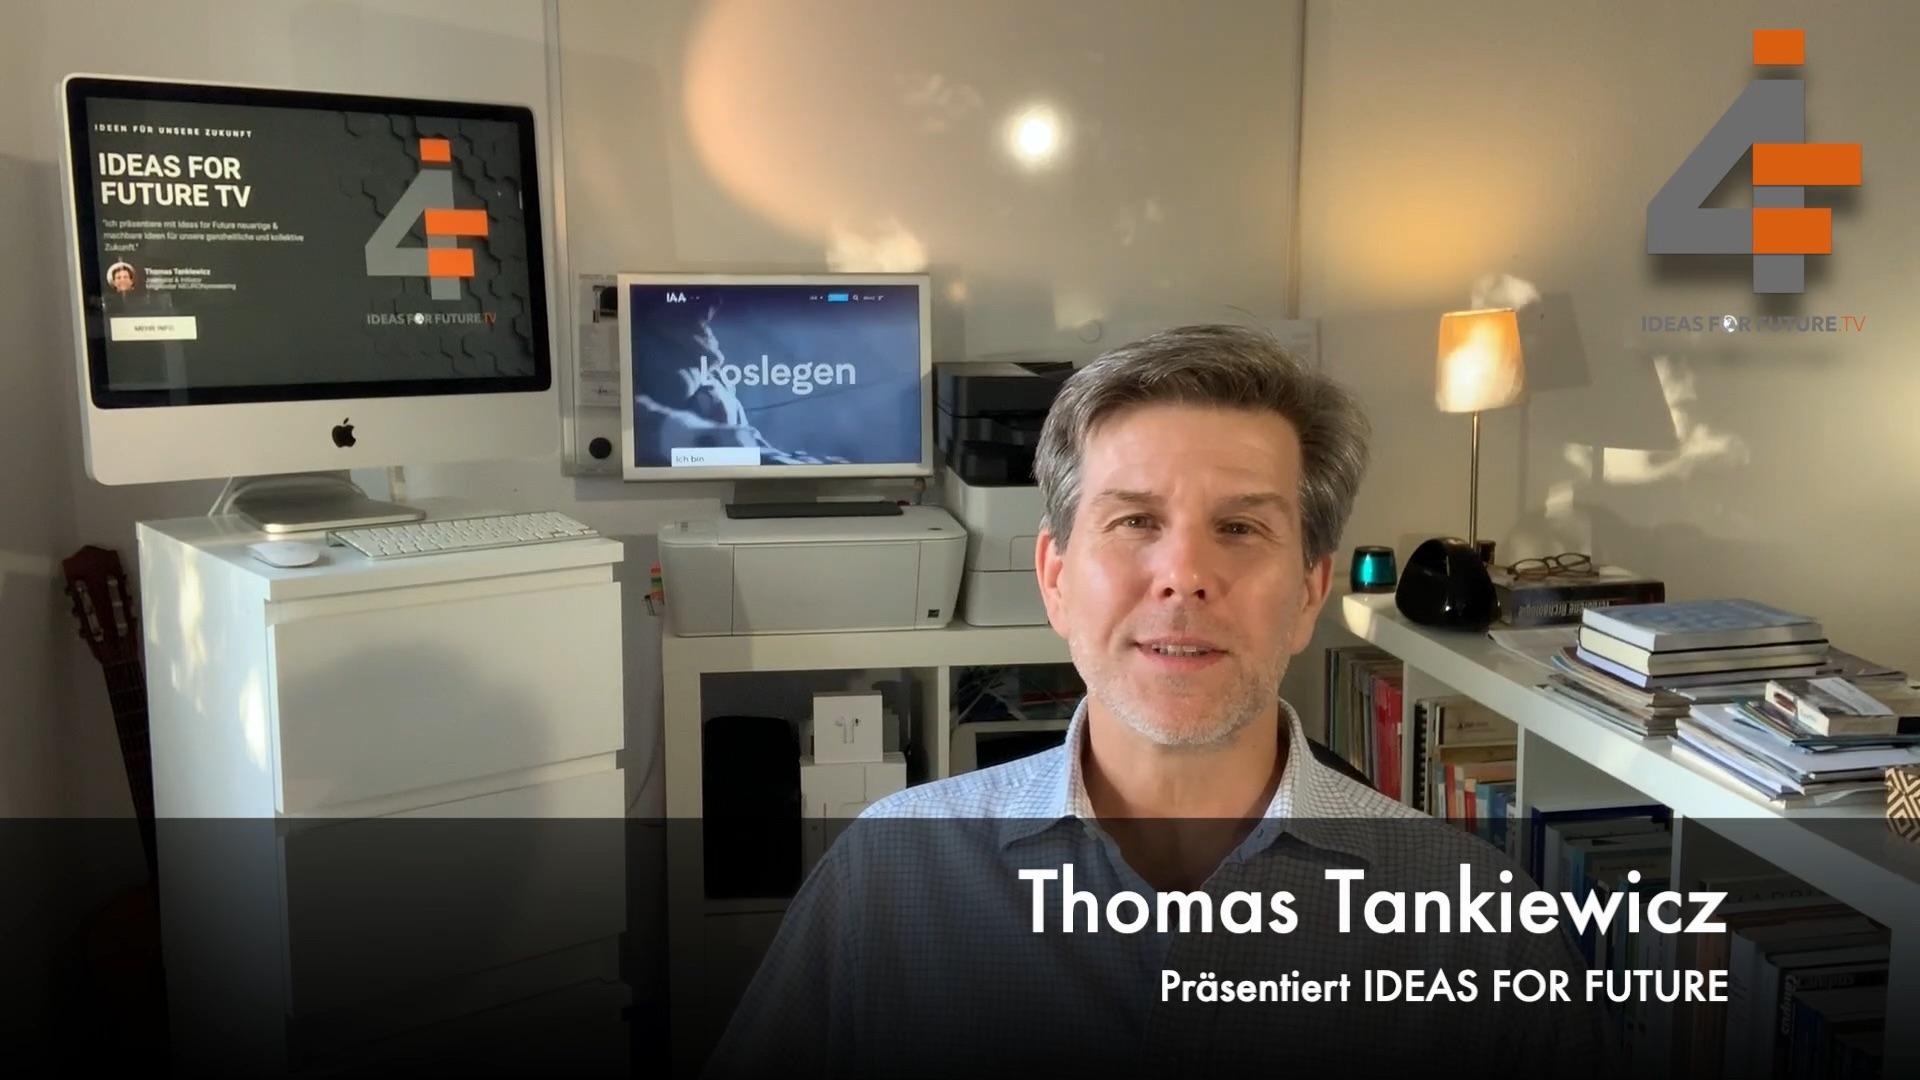 Ideas-For-Future-TV#1